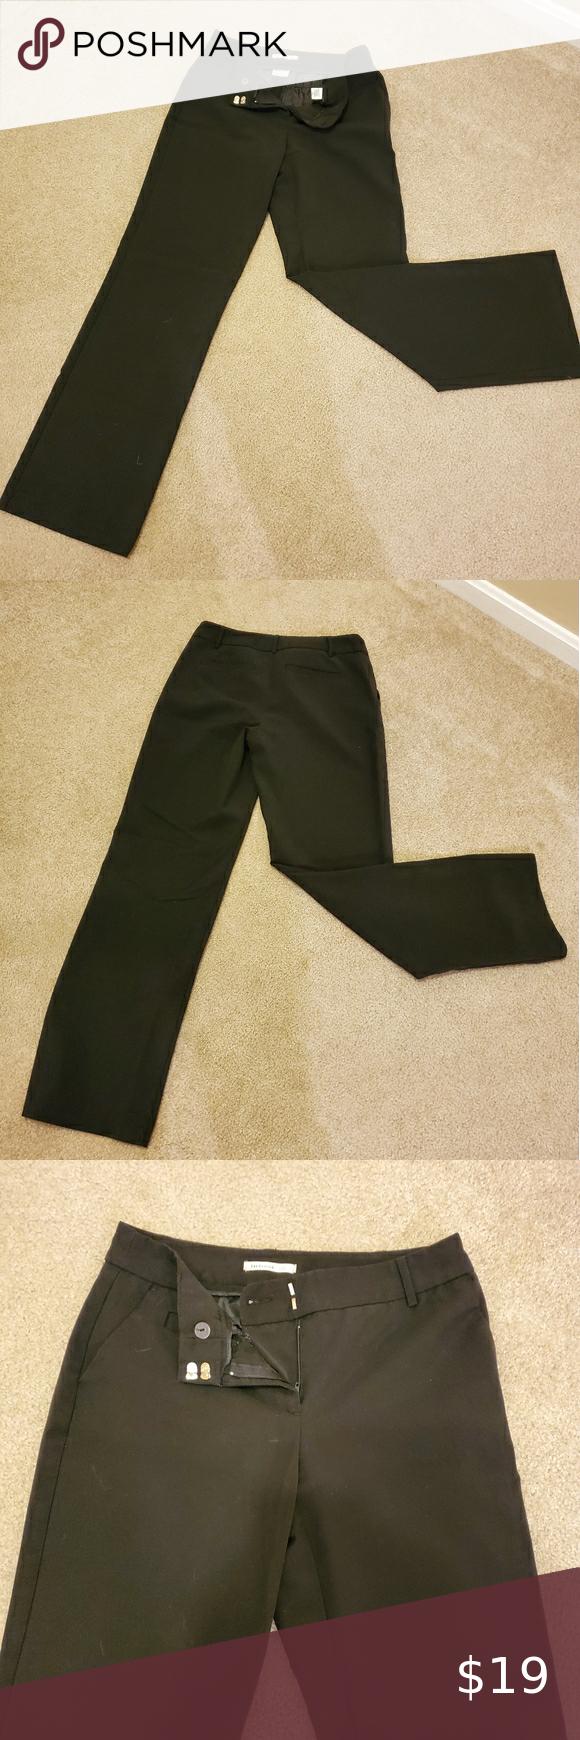 Size 2 Van Heusen Black Dress Pants Size 2 Regular Van Heusen Black Slacks Great Condition Offers Welcome Happy Black Dress Pants Slacks For Women Van Heusen [ 1740 x 580 Pixel ]